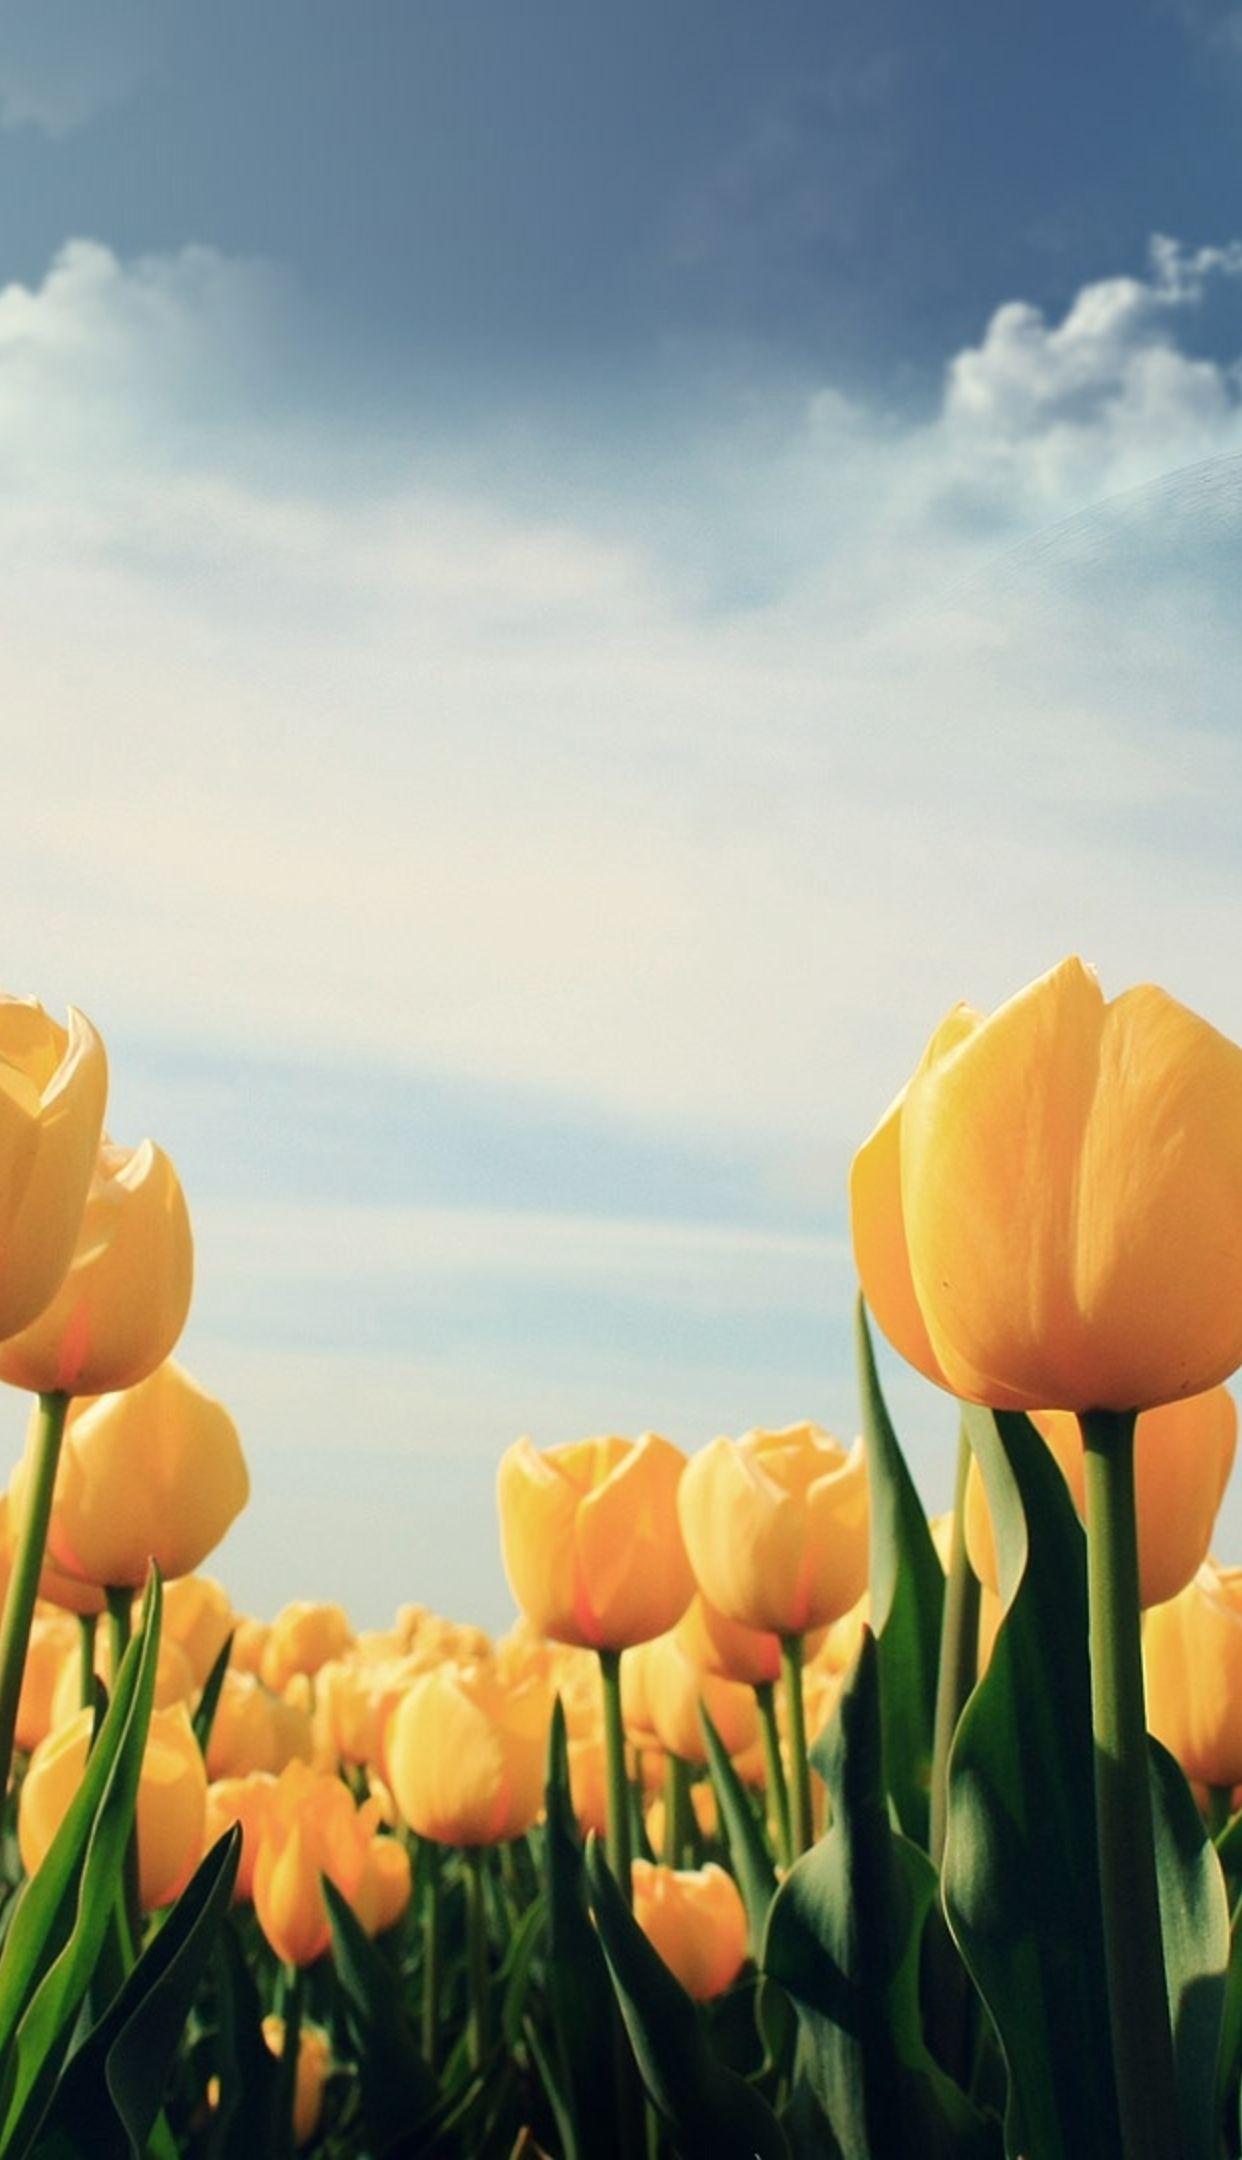 Wallpprs Yellow Tulips 1242x2208 4k HD wallpaper wallpprscom 1242x2160